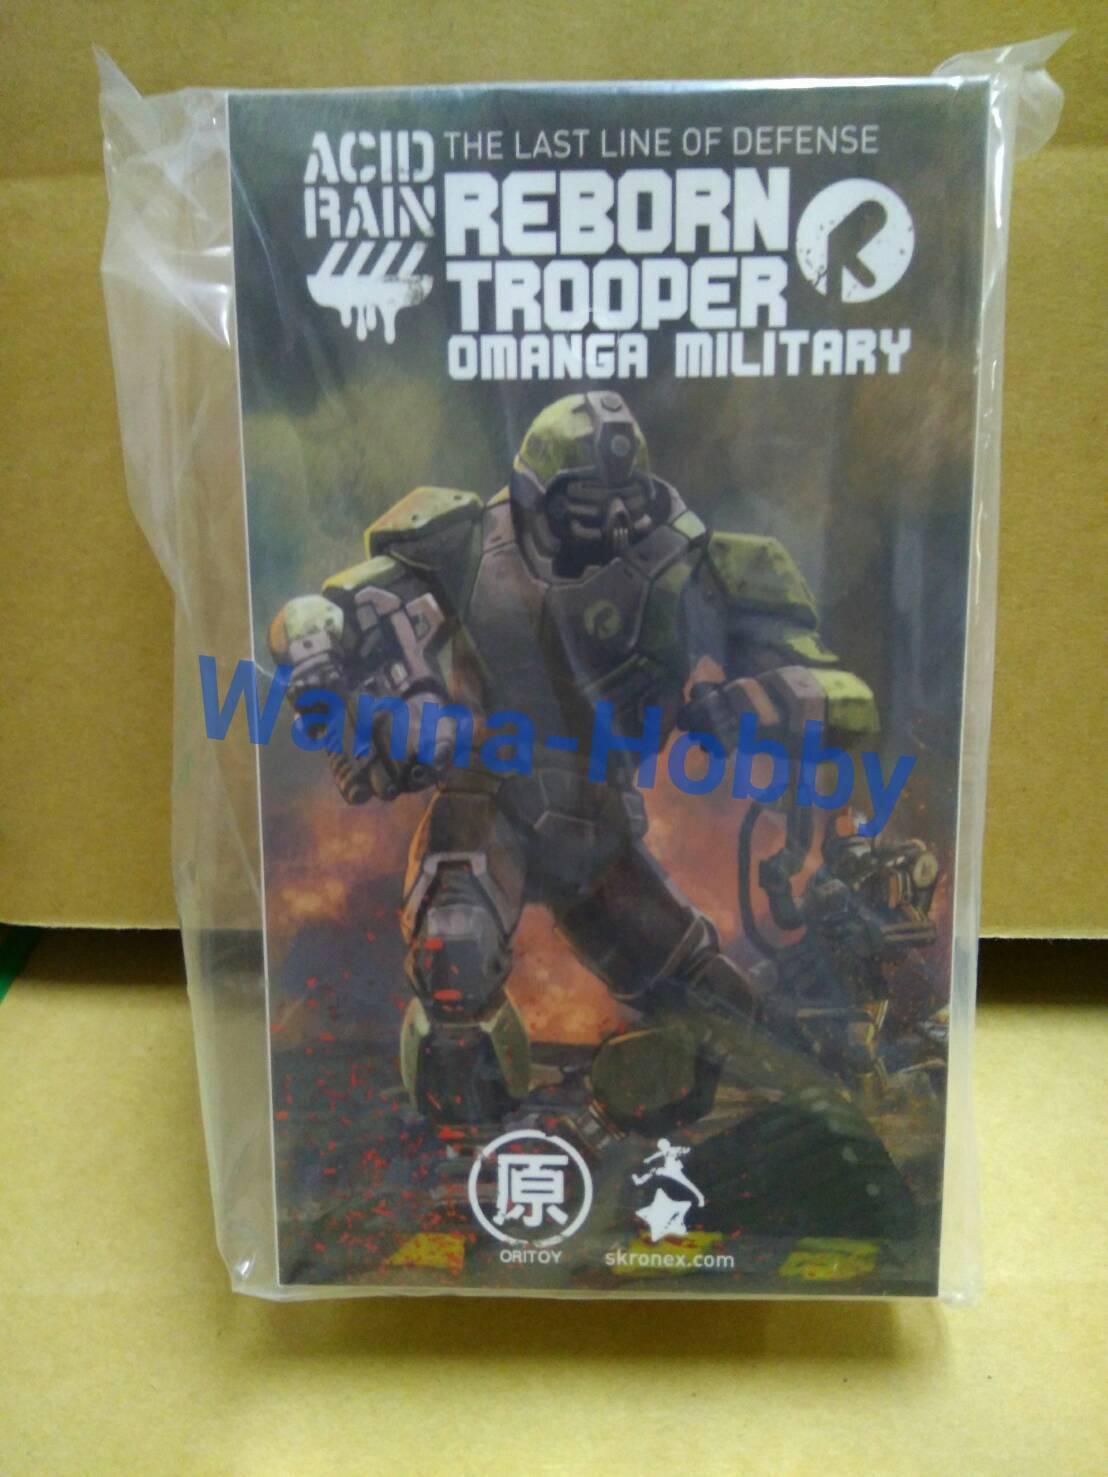 [W.H]MISB 50619 Ori Toy Reborn Trooper Omanga Military 1 18 Acid Rain